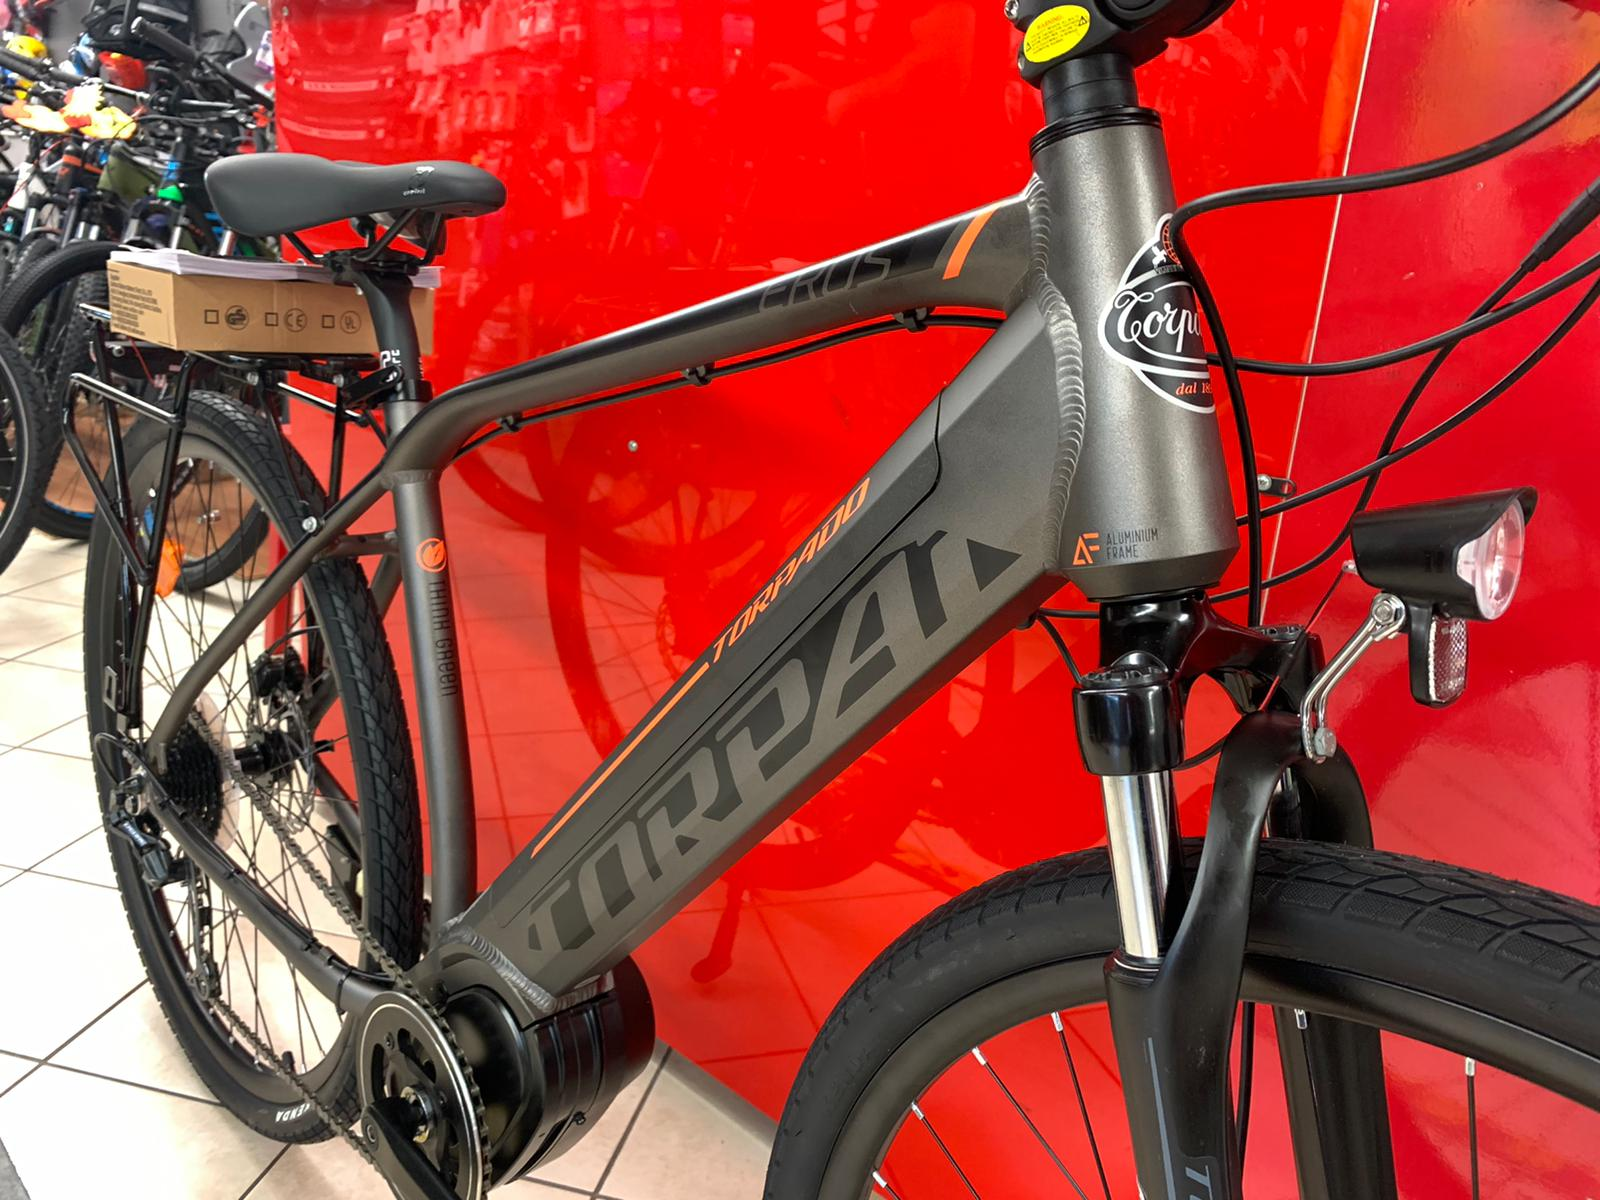 Torpado Eros Ibrida Elettrica. Bici elettriche e-bike Verona